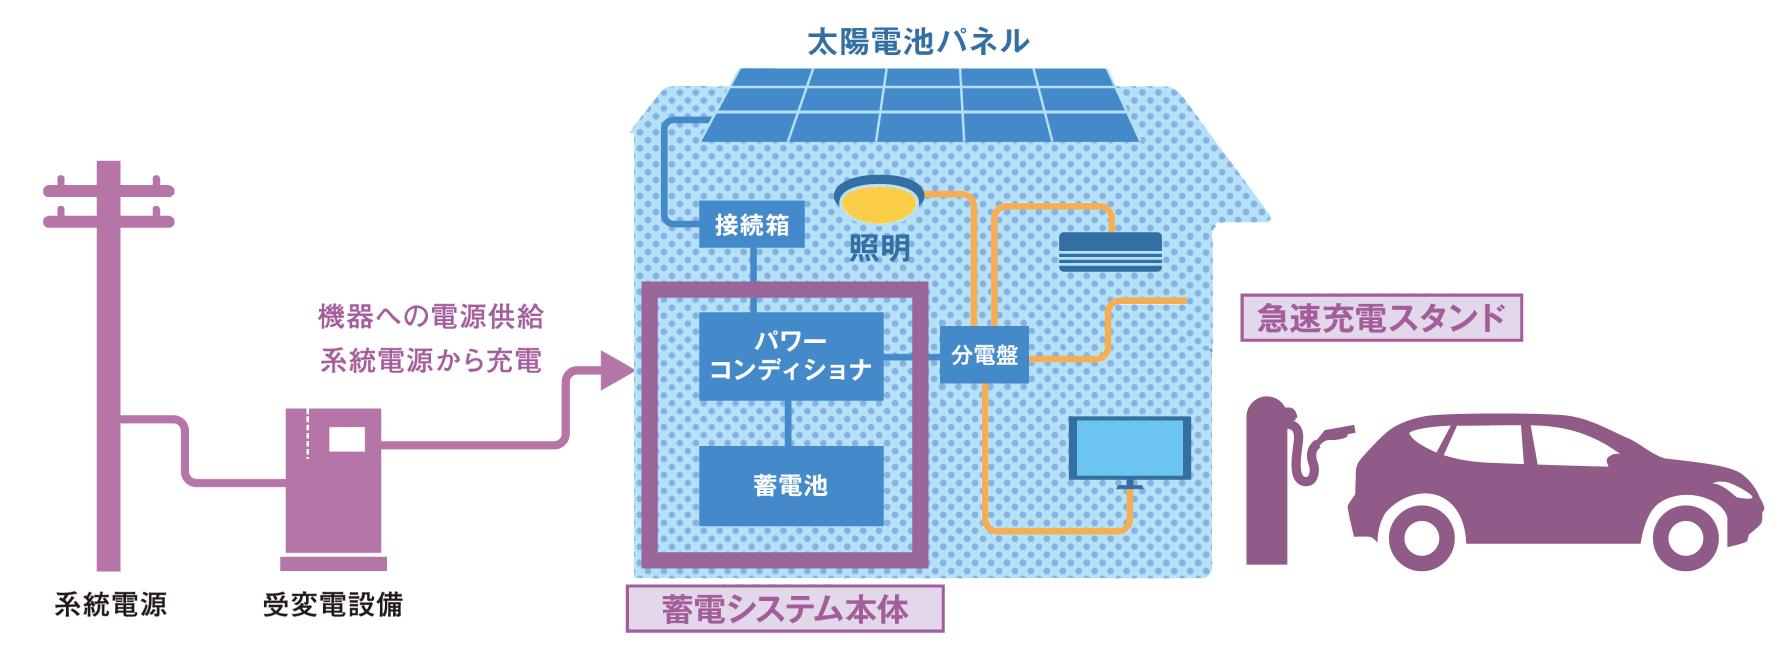 エネルギーマネジメント アプリケーション事例のイラスト